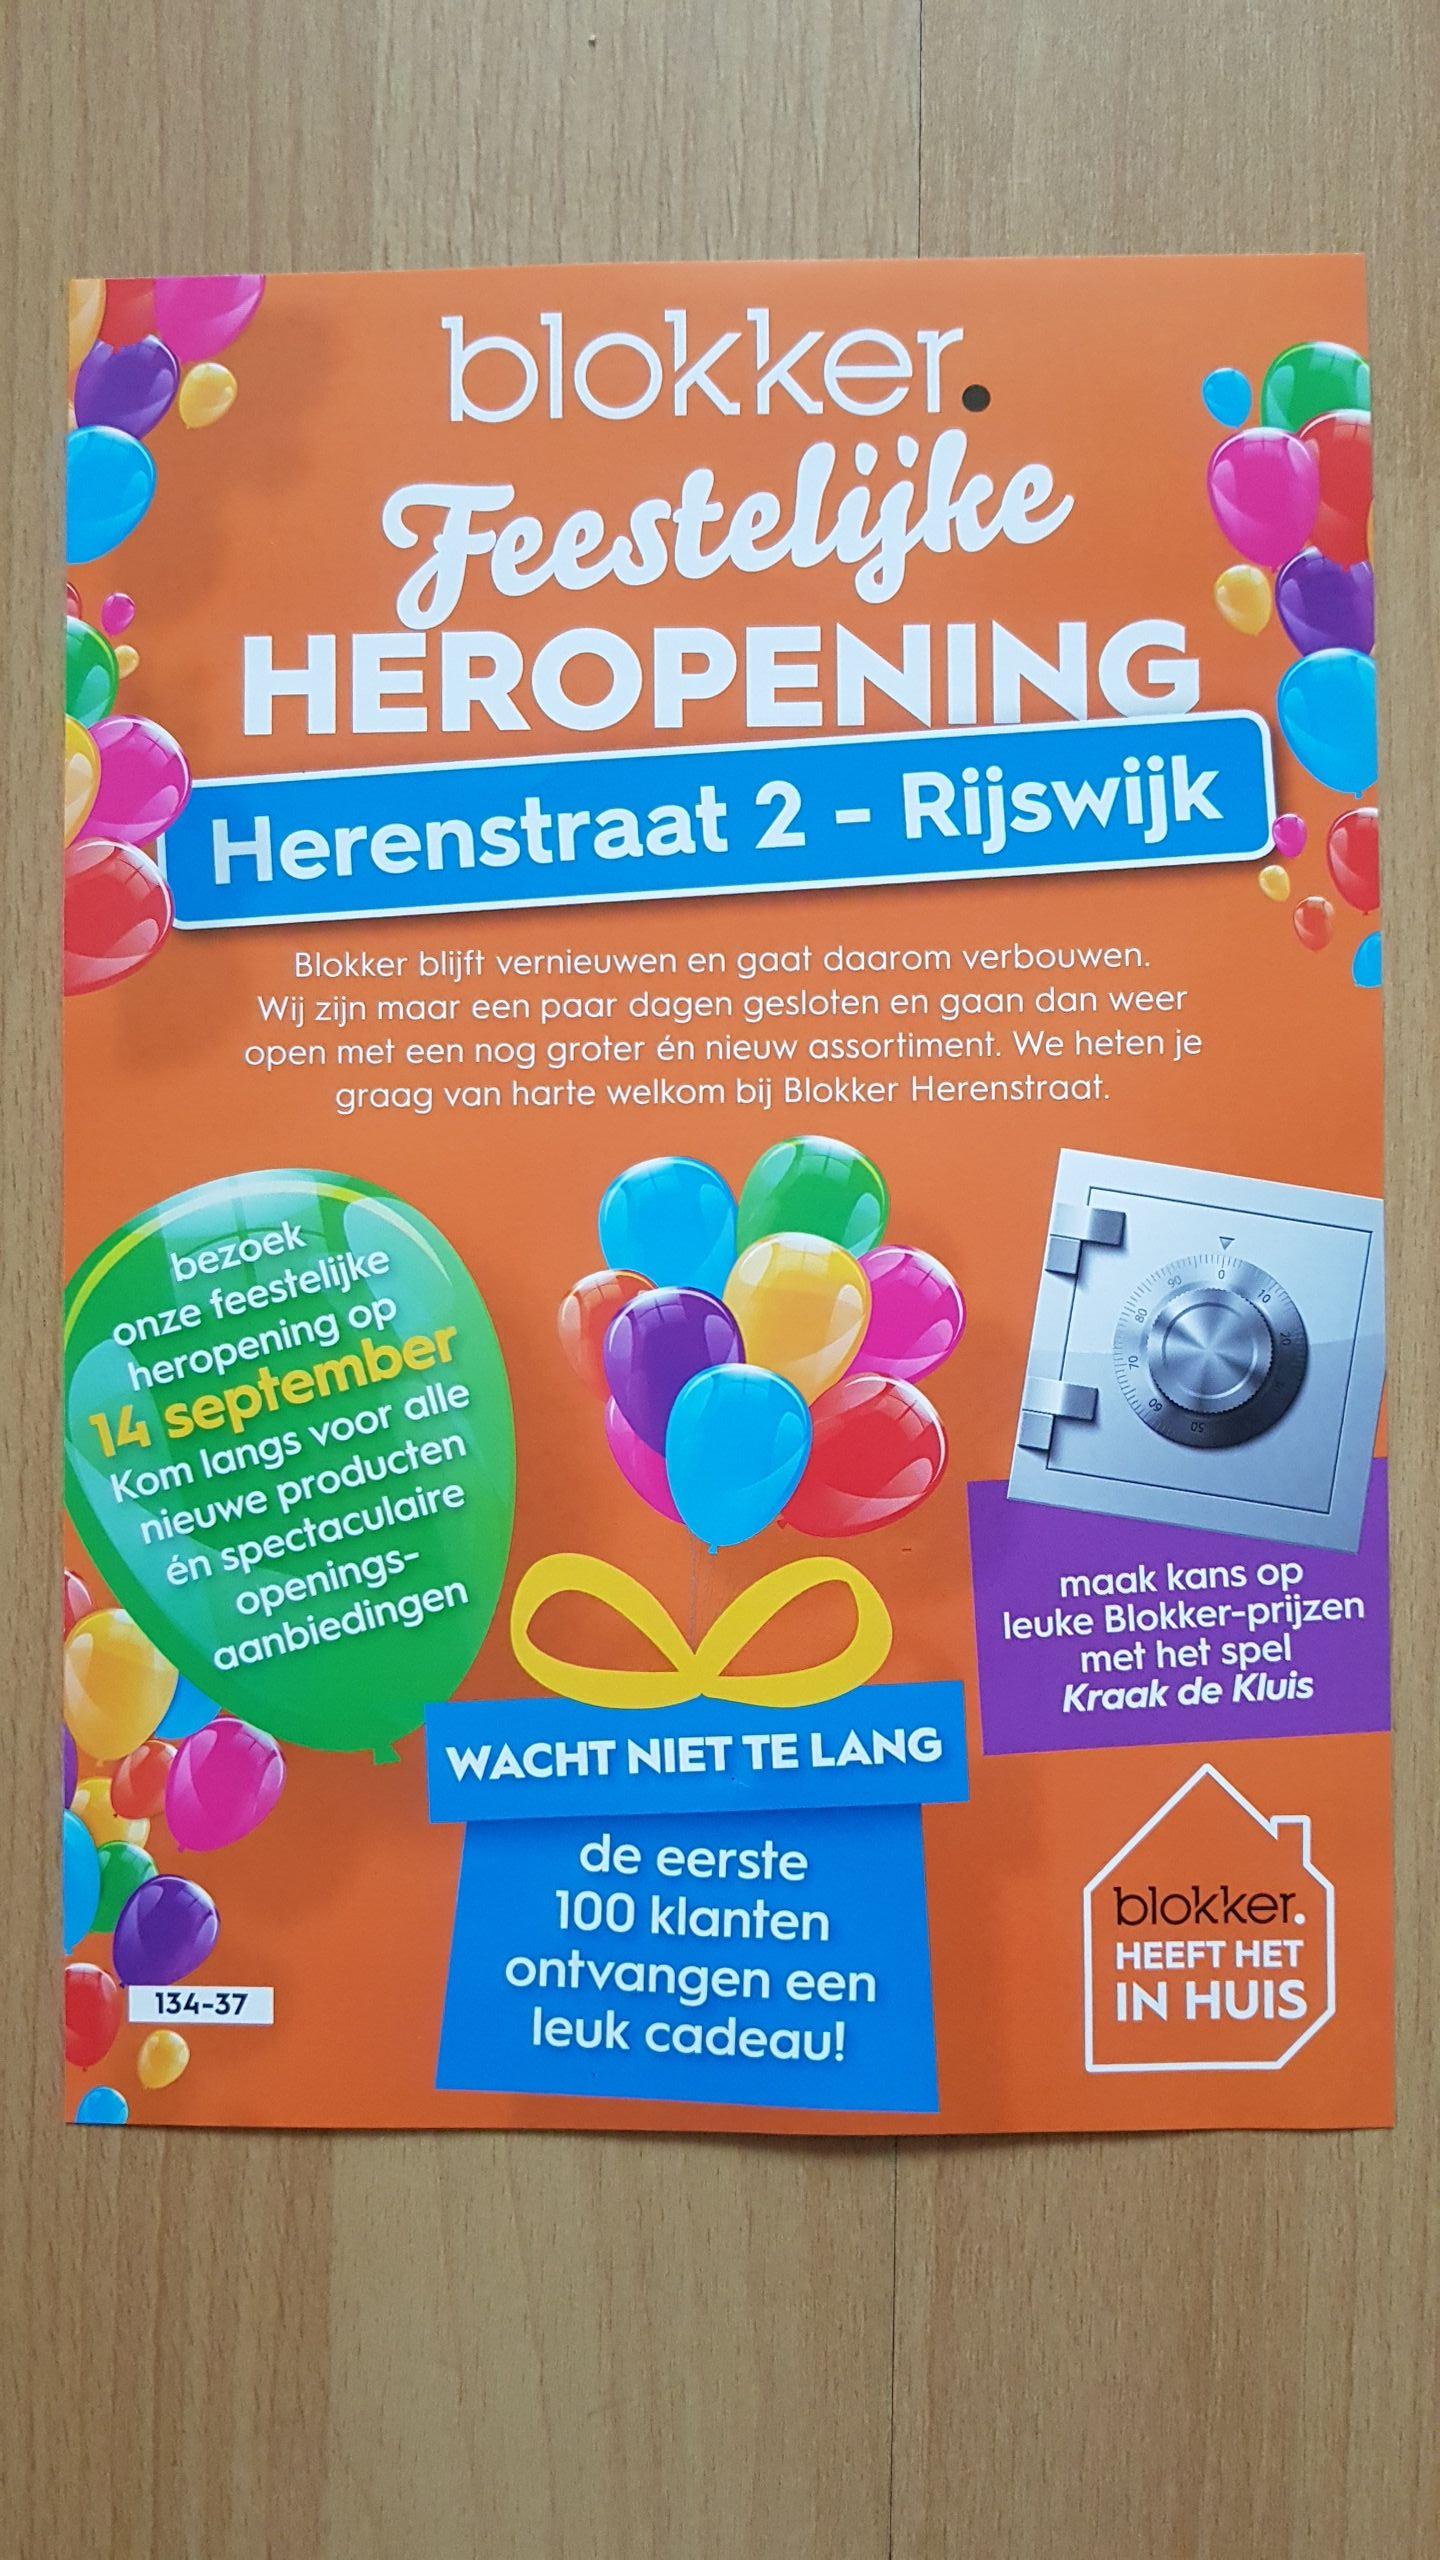 @Blokker,  feestelijke heropening Herenstraat-Rijswijk